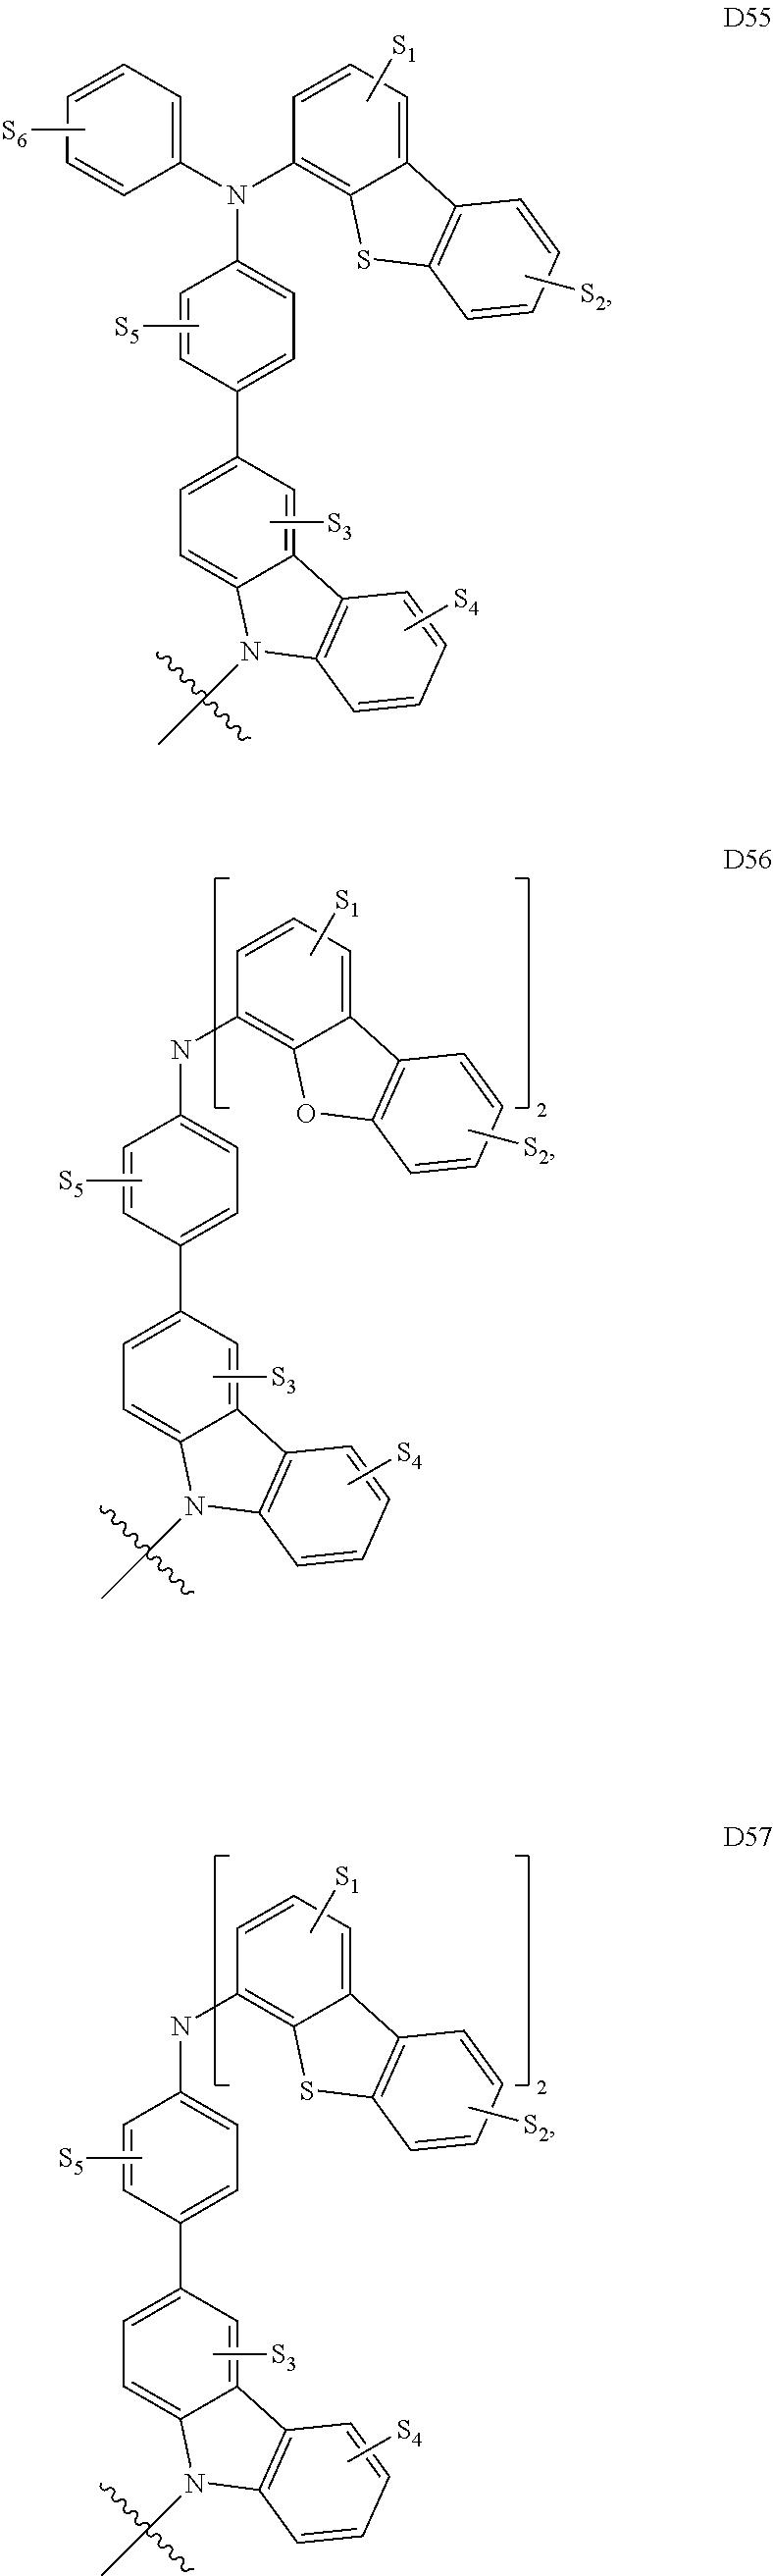 Figure US09324949-20160426-C00038